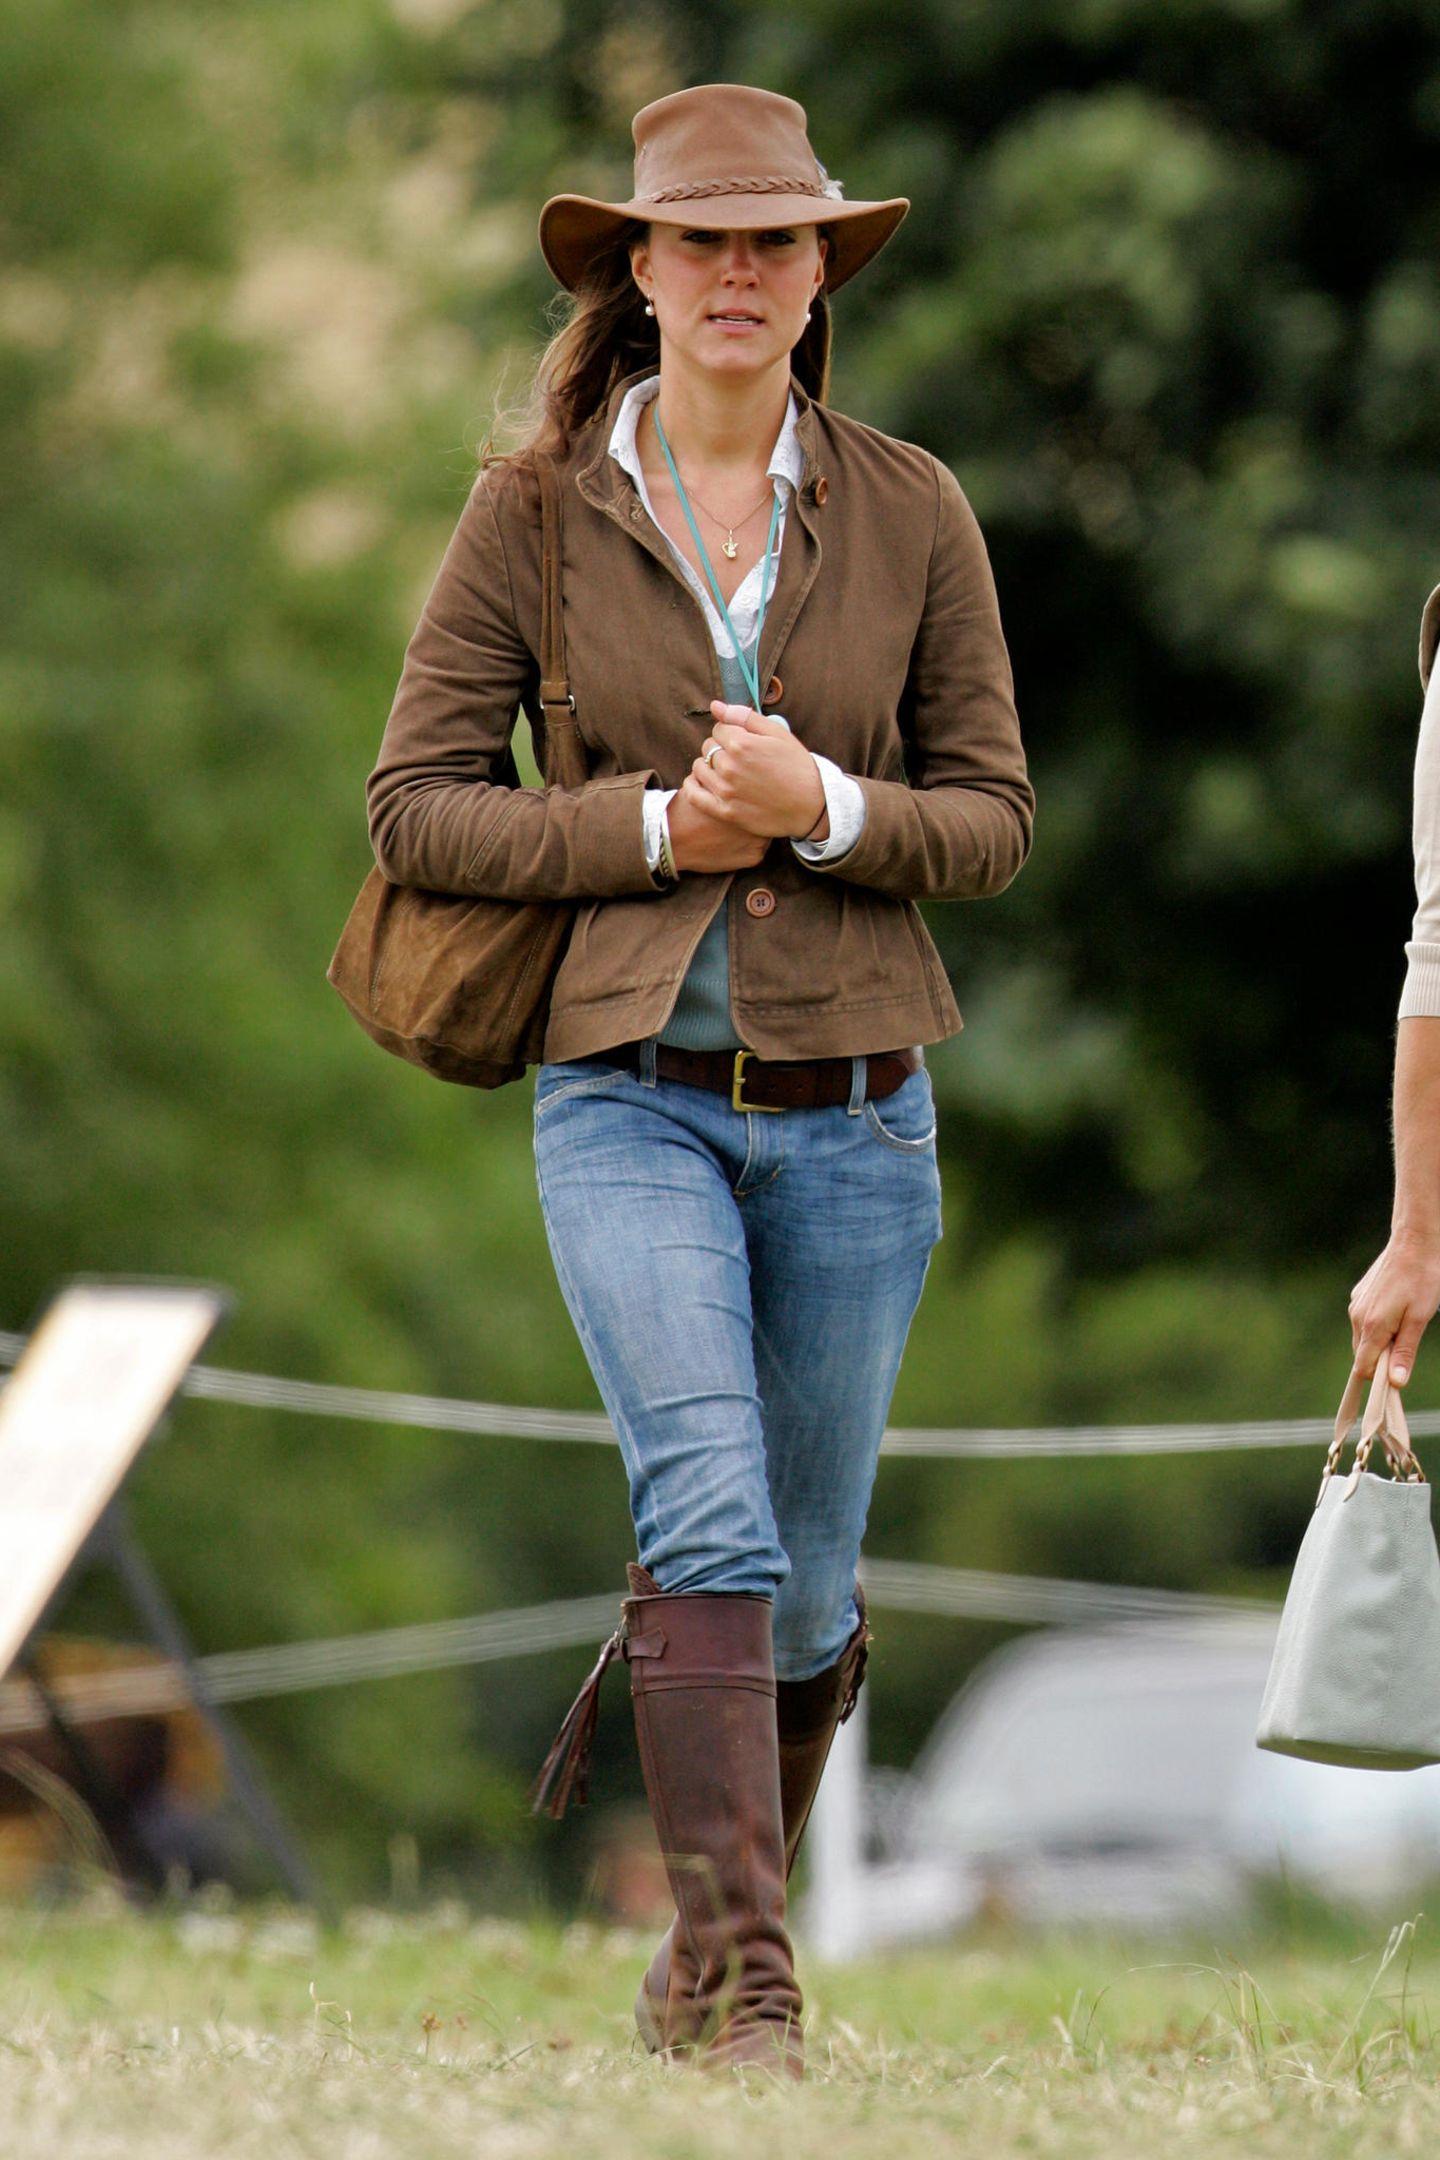 2005  Heißes Cowgirl! Kate wusste sich schon immer dem Anlass entsprechend zu kleiden und setzt für ein Park-Festivalauf ein praktisches, lässiges Outfit in Brauntönen. Besonderer Hingucker sind der Hut und die kniehohen Boots.